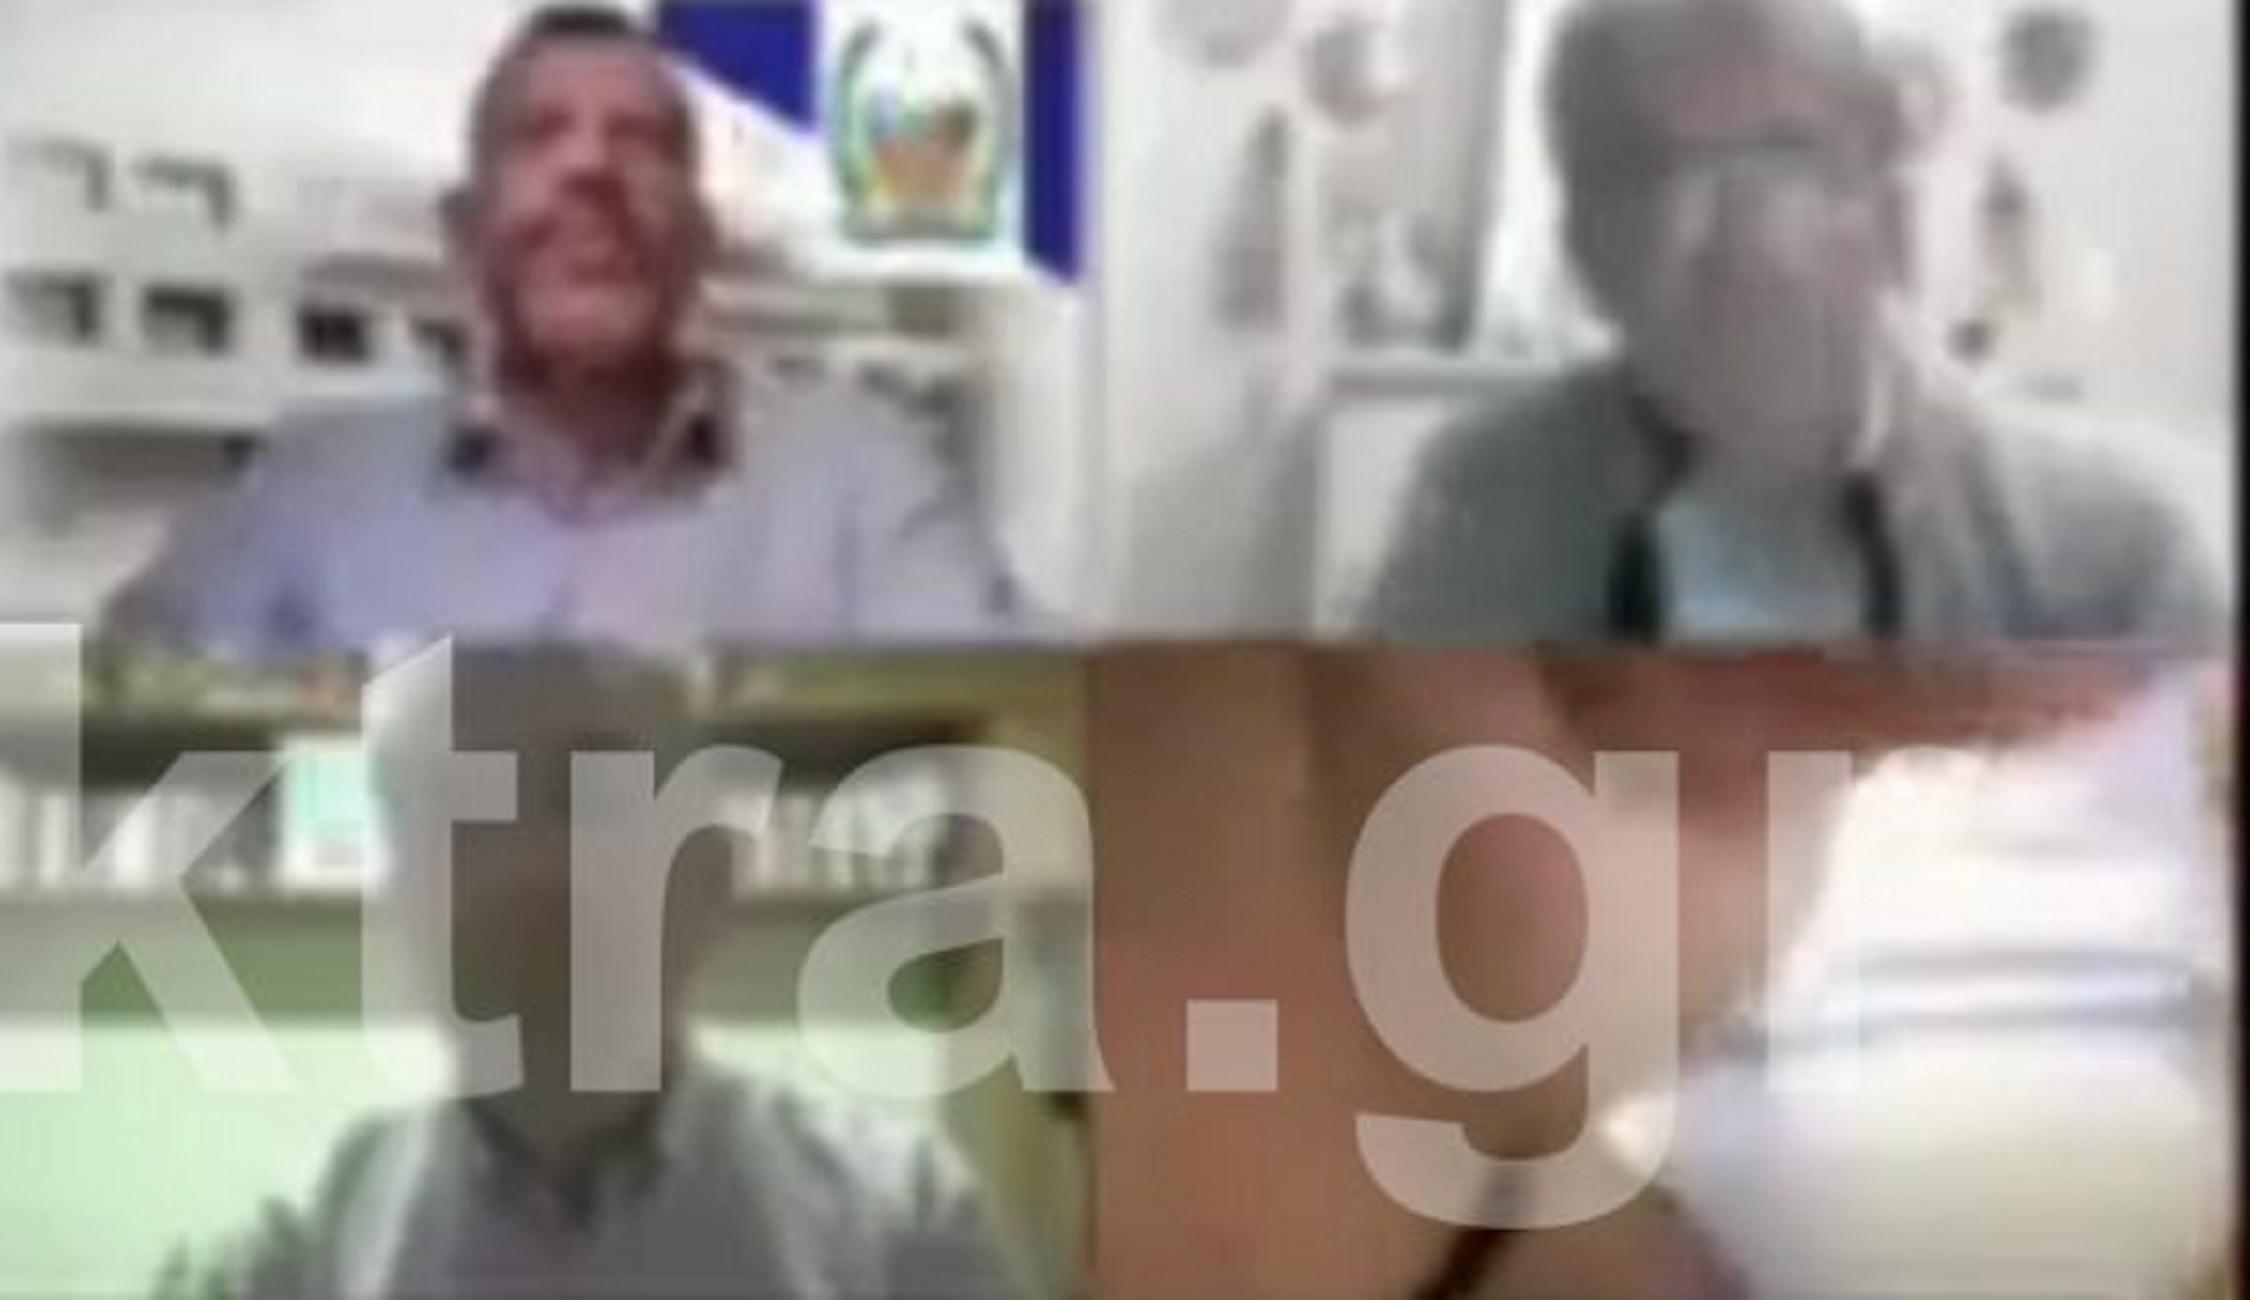 Κόρινθος: Στο δημοτικό συμβούλιο με τα εσώρουχα – «Θα μας παίξουν οι Ράδιο Αρβύλα όπως το πάμε» (video)